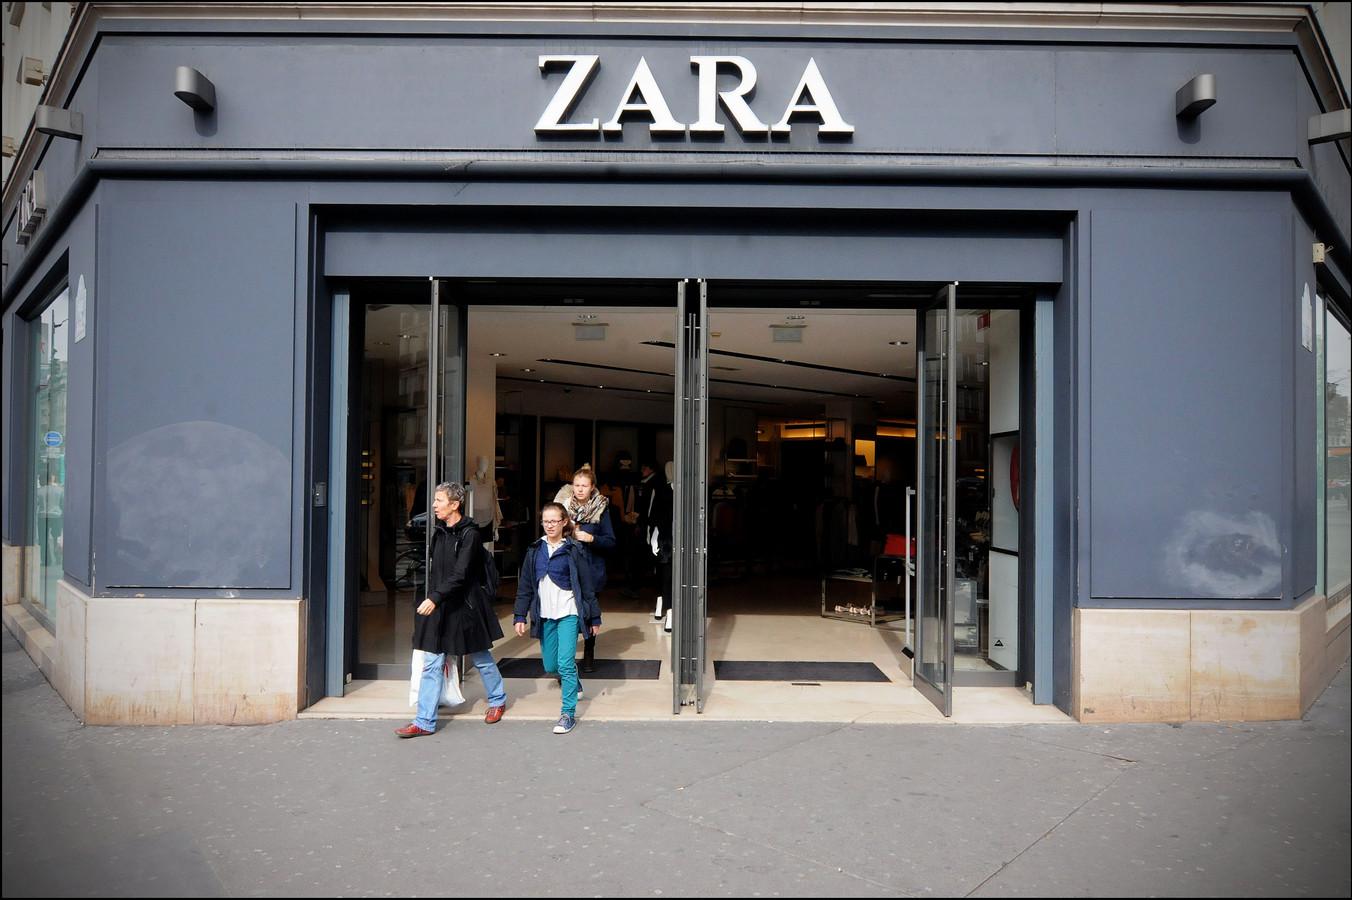 De vrouwen sloegen telkens toe in filialen van Zara. (illustratiebeeld)